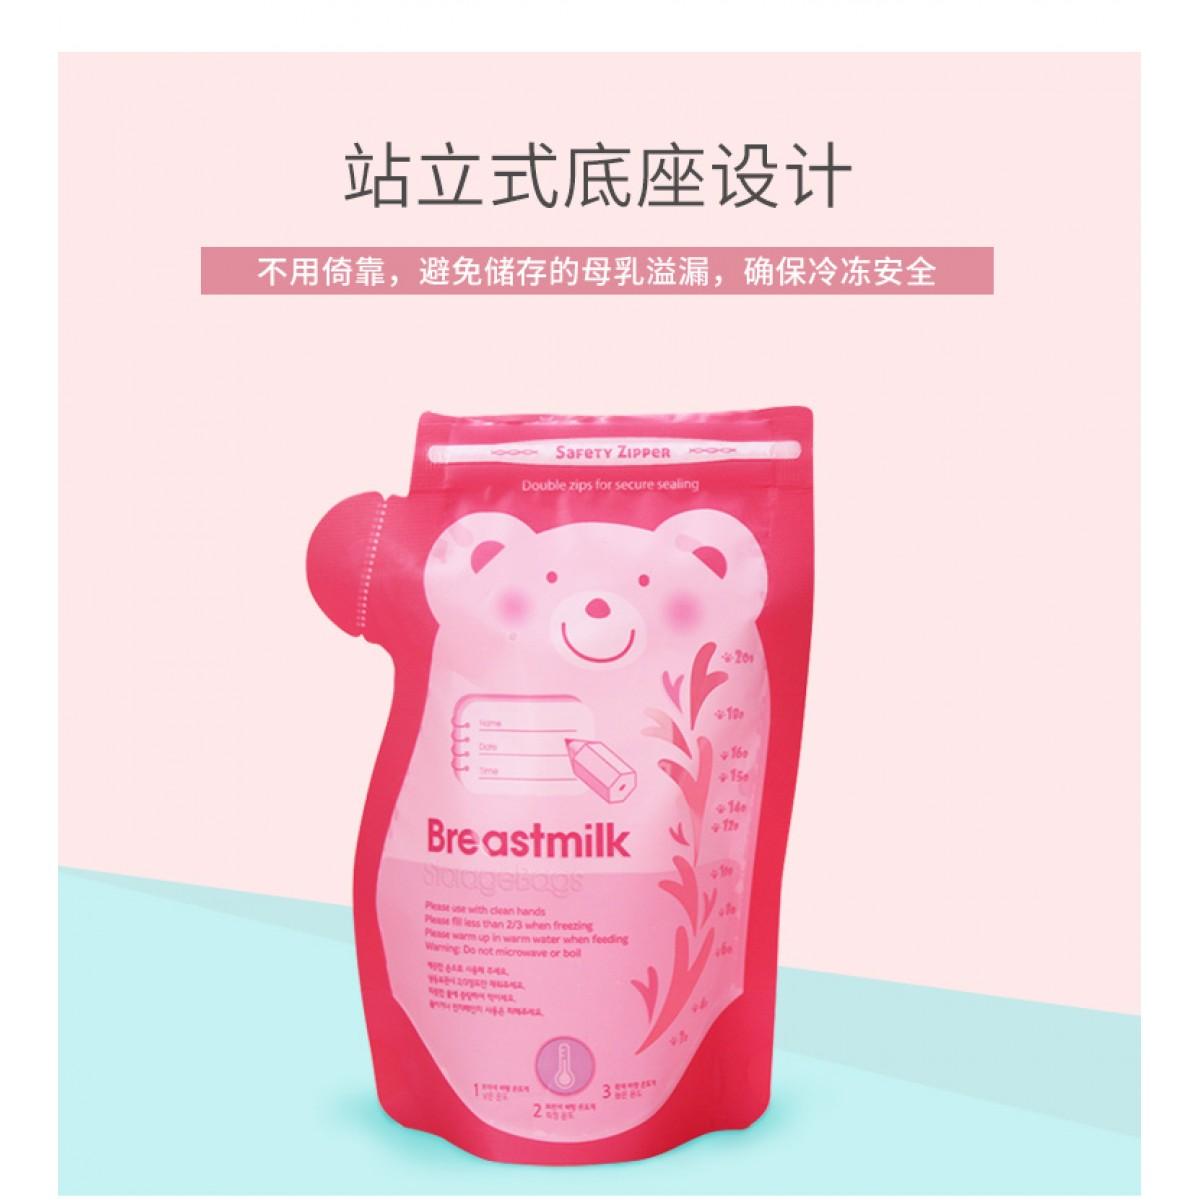 韩国进口Bailey贝睿壶嘴型安全母乳储存袋储奶袋保鲜袋便携